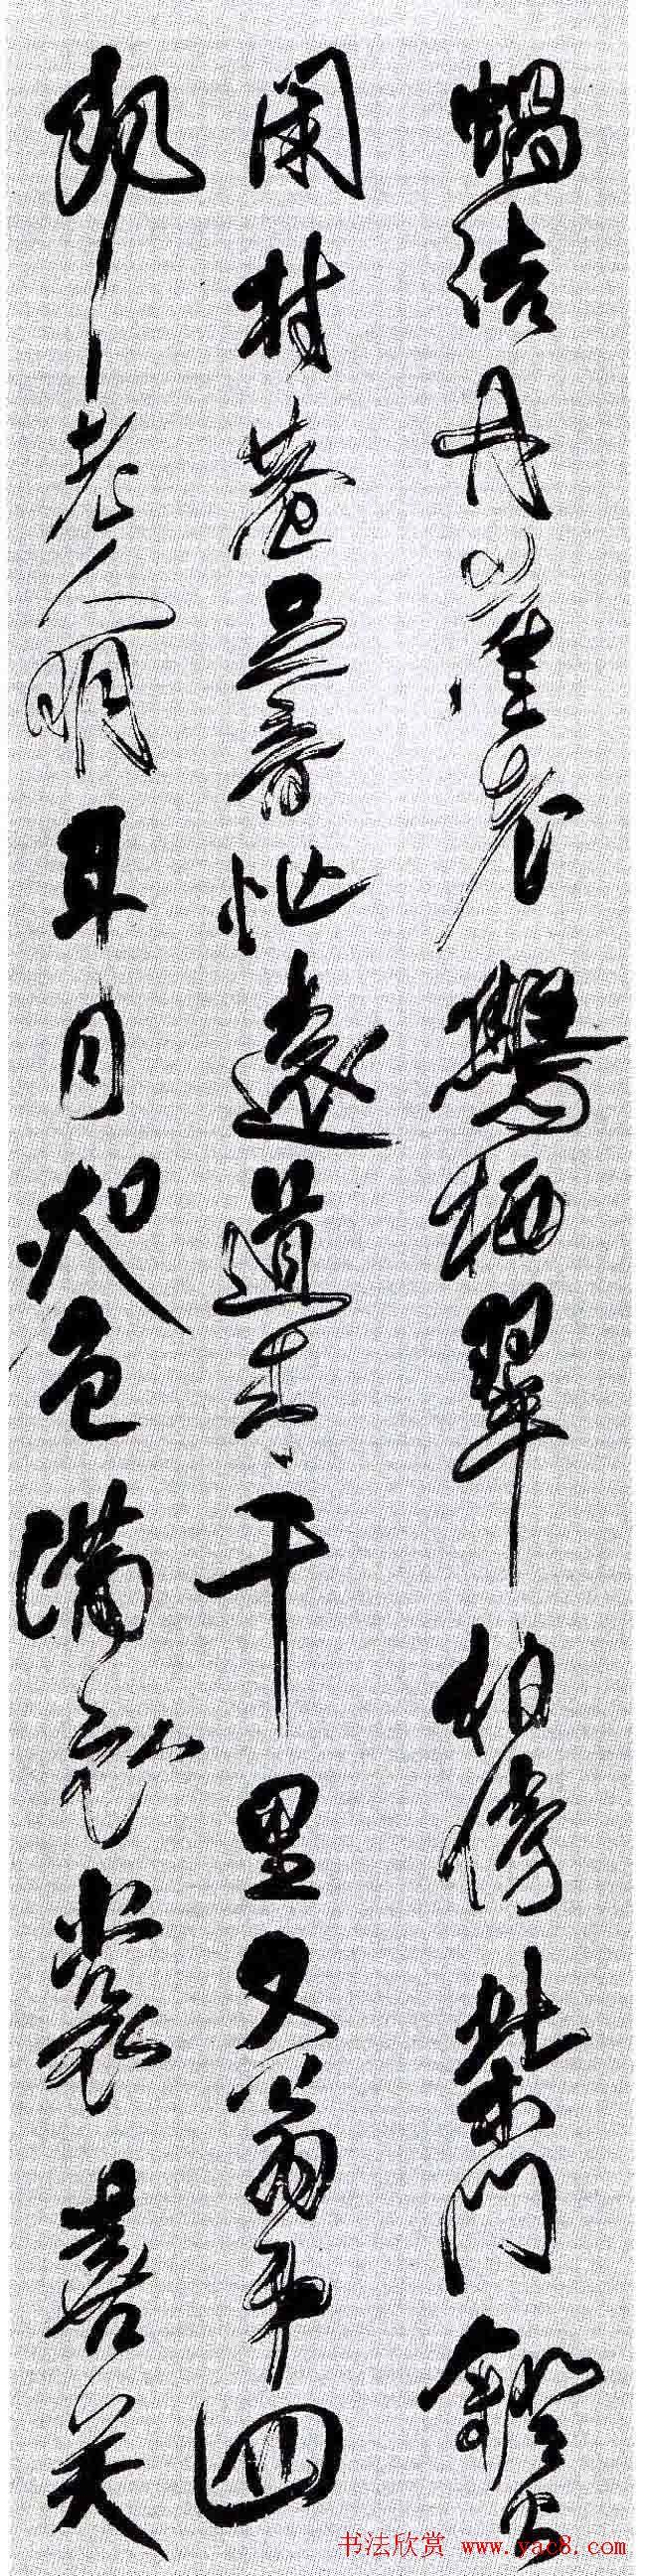 傅山行草书欣赏《寿王锡予诗屏》